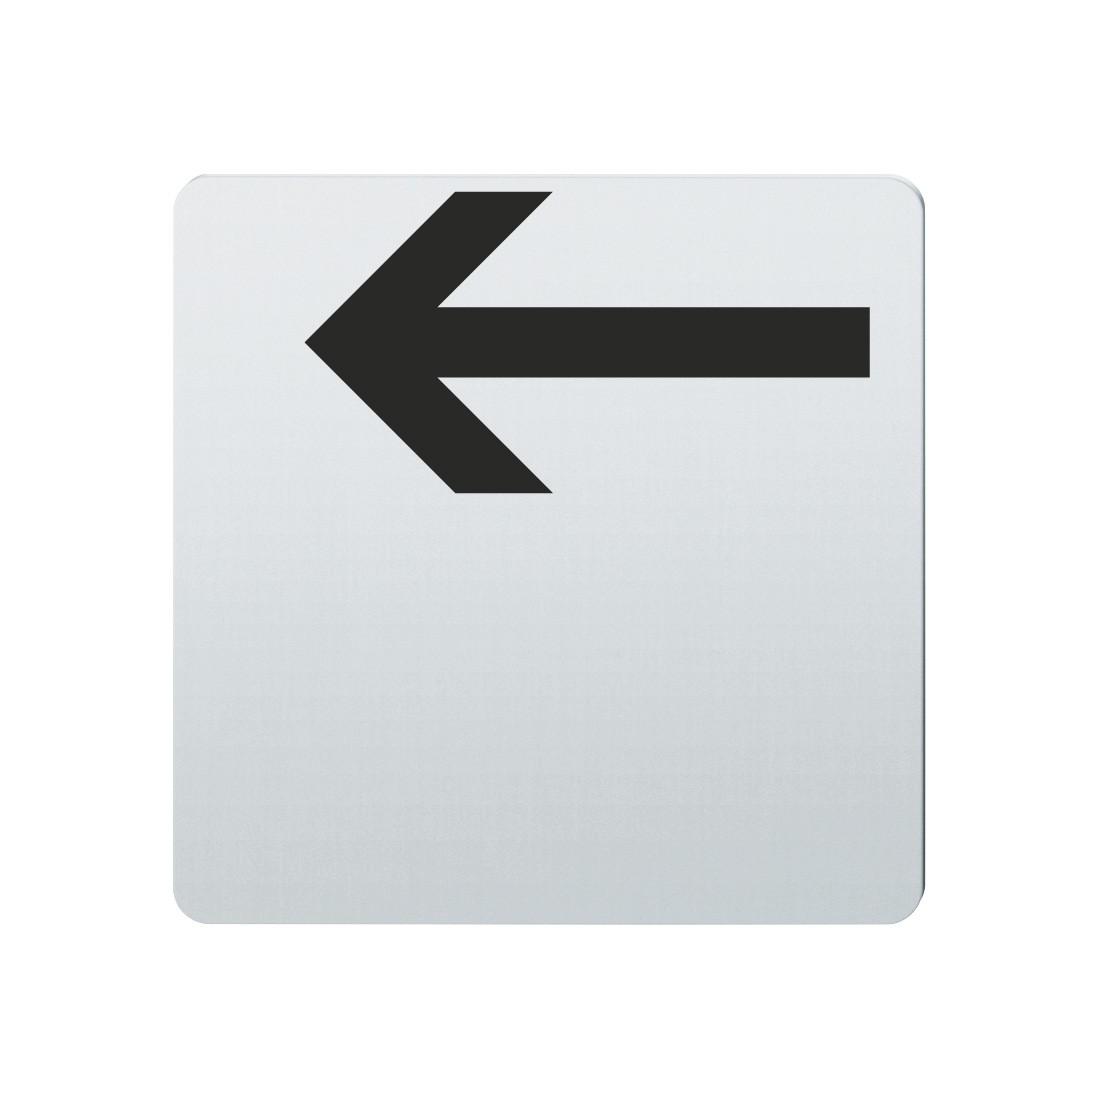 FSB Hinweiszeichen Pfeil nach links Lasergraviert Edelstahl fein matt (0 36 4059 00003 6204)